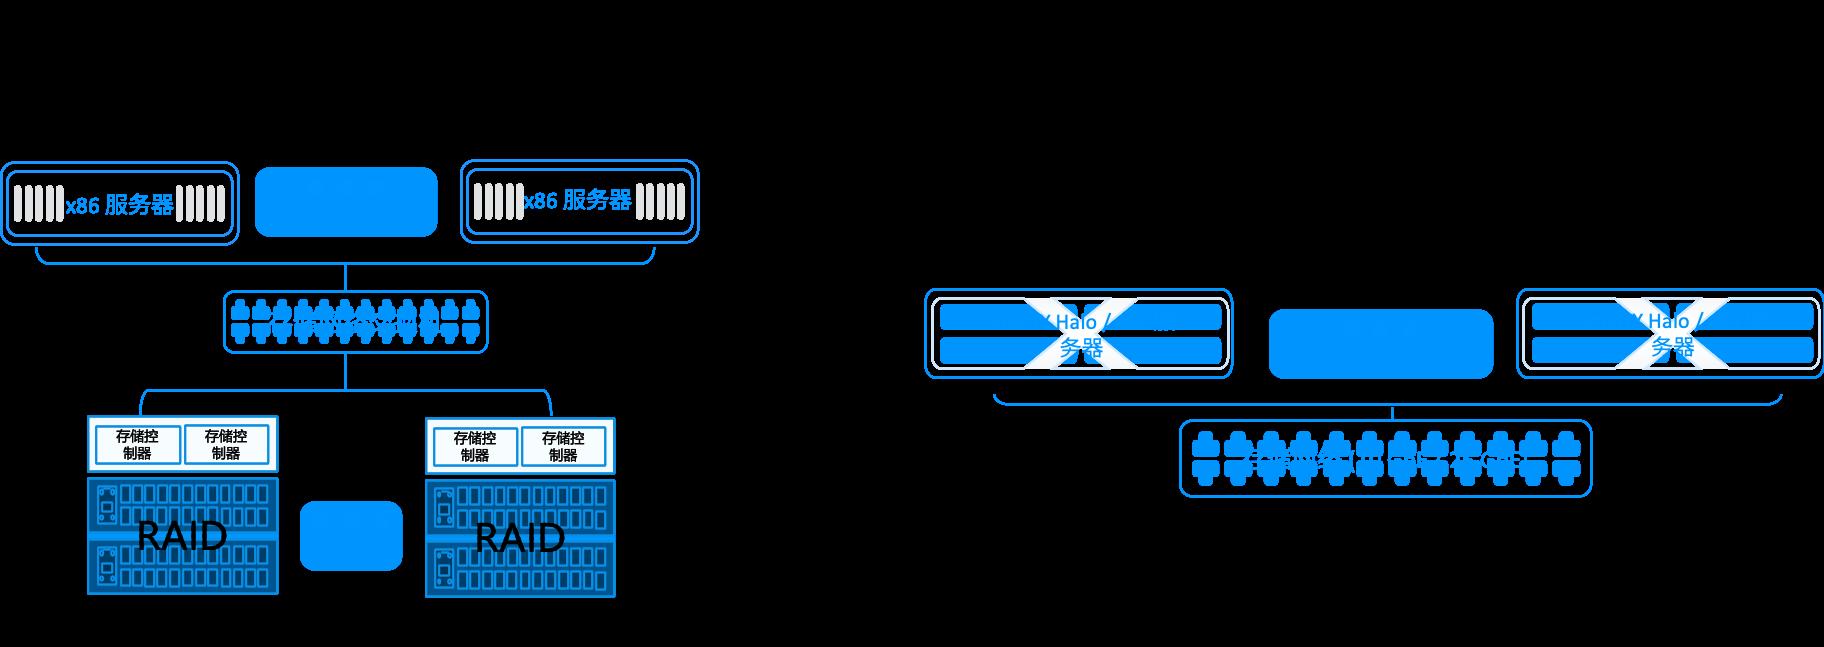 超融合架构和传统架构的部署区别和资源管理模式区别